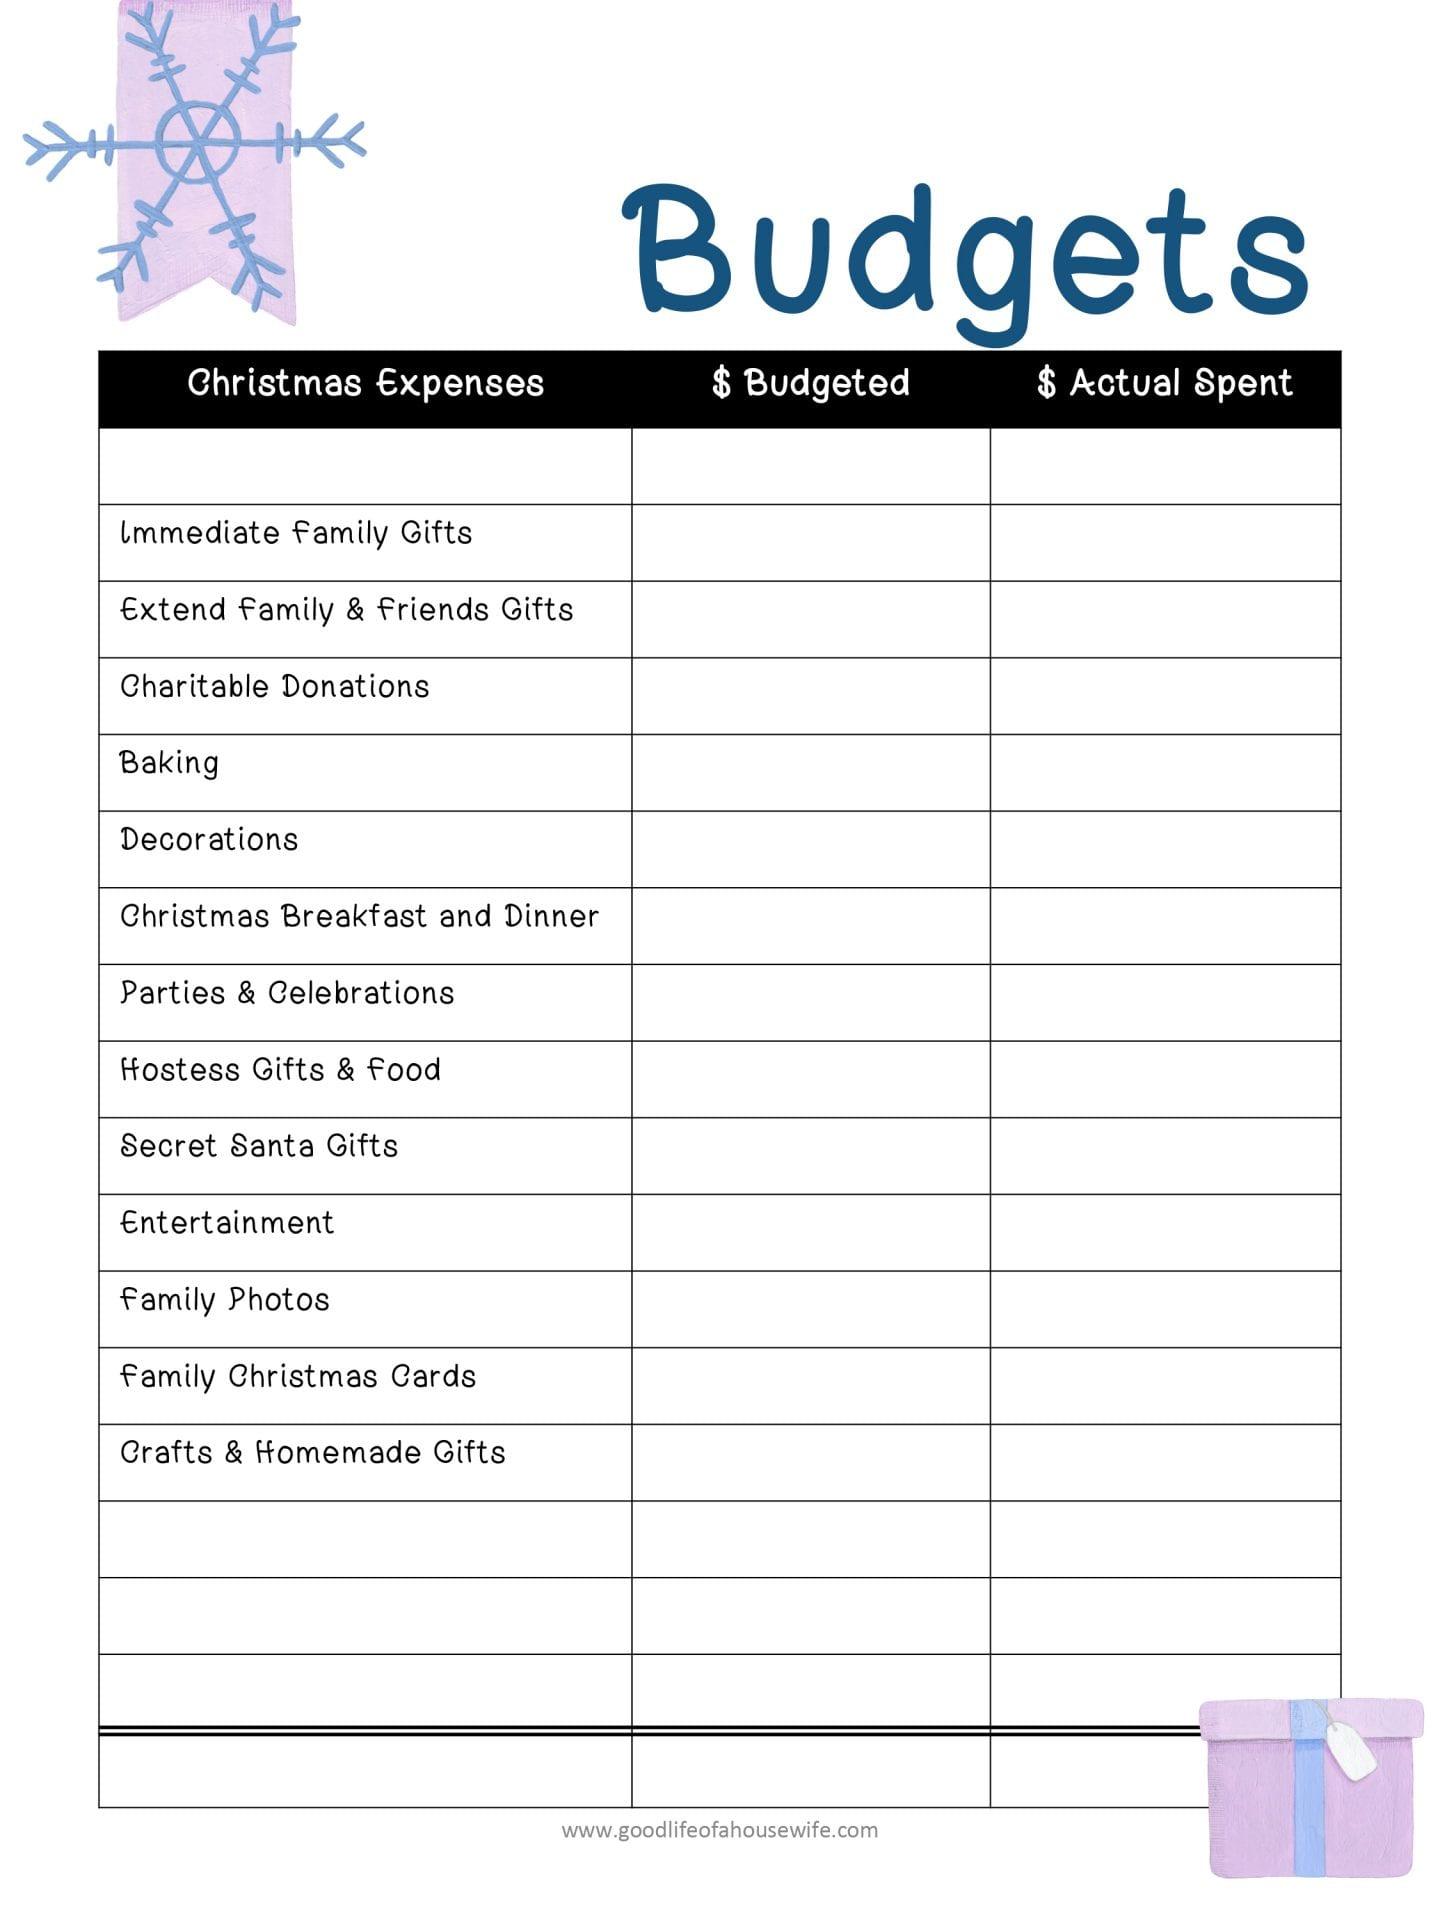 Christmas Printables And Budget Planner Good Life Of A